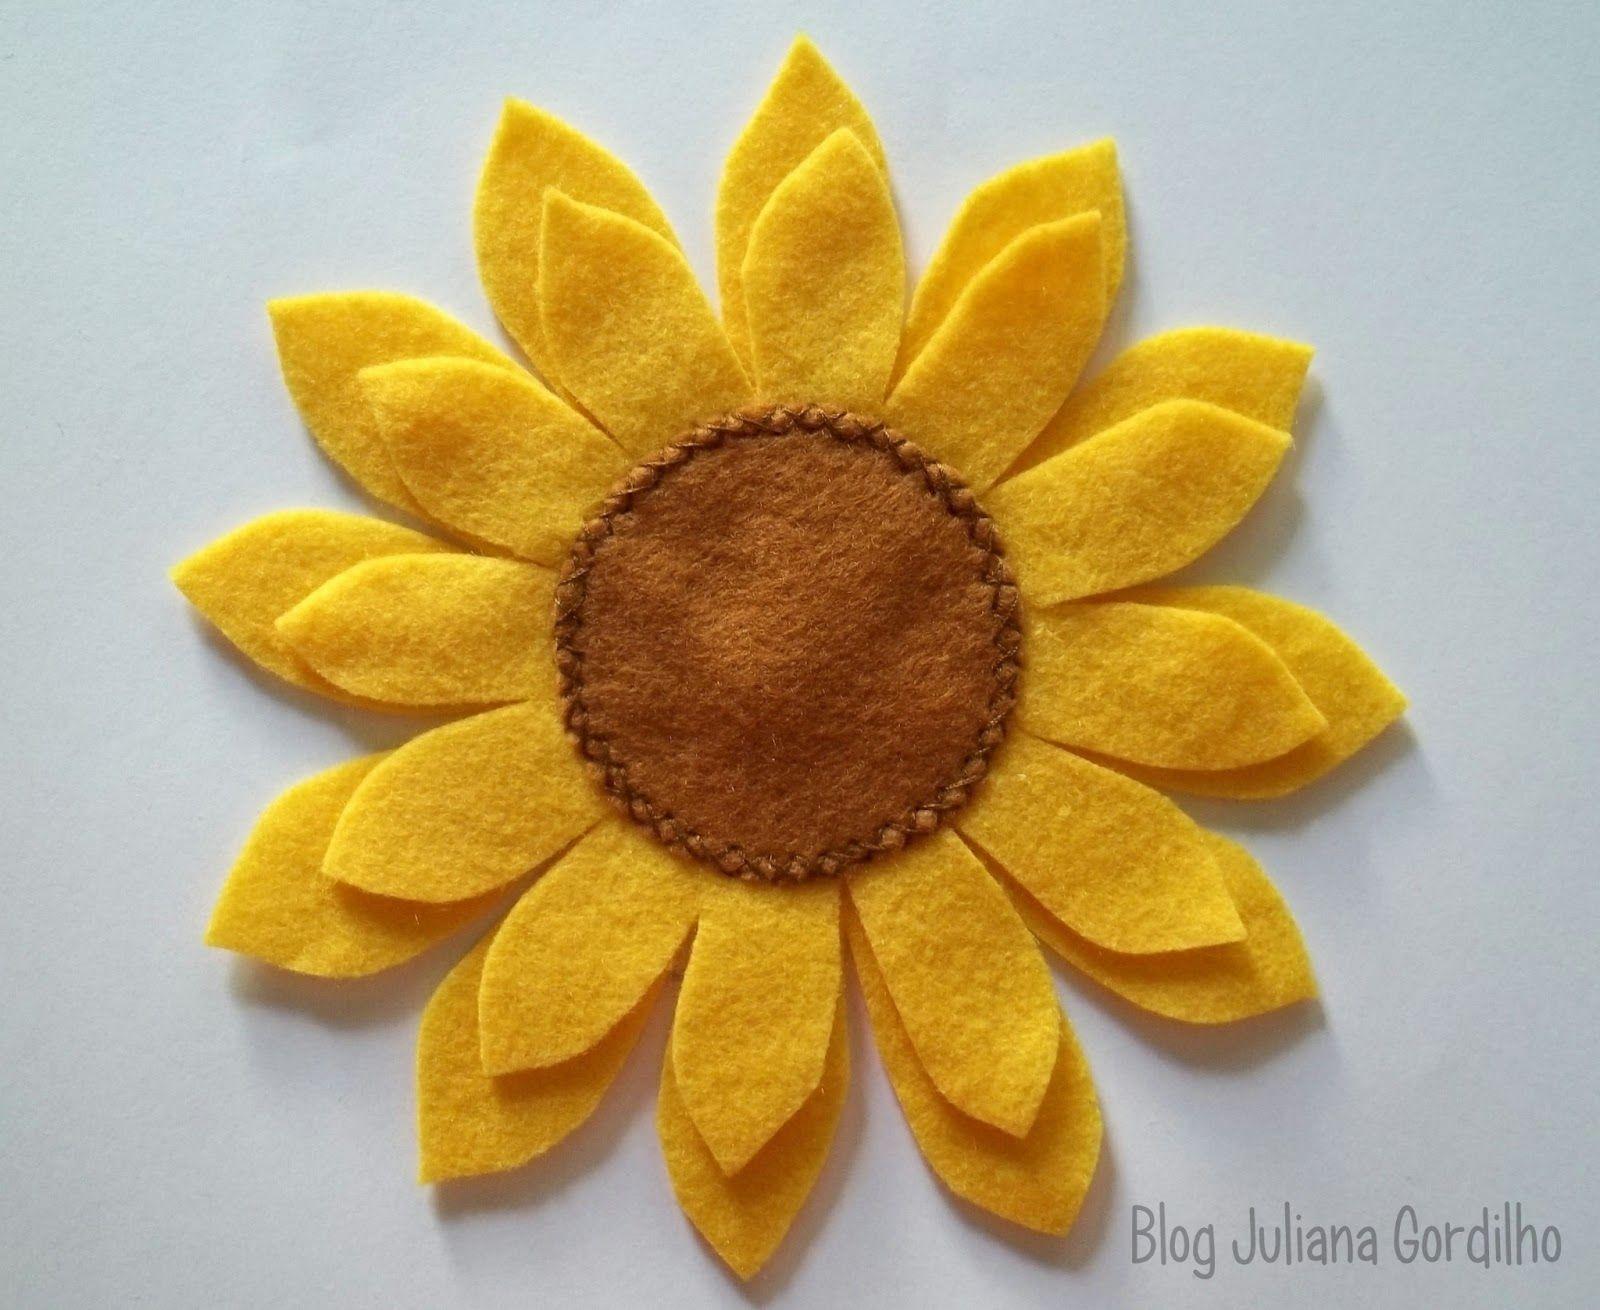 Aparador De Acrilico Transparente ~ girassol feltro Pesquisa Google flores Pinterest Girassol, Google e Flor feltro